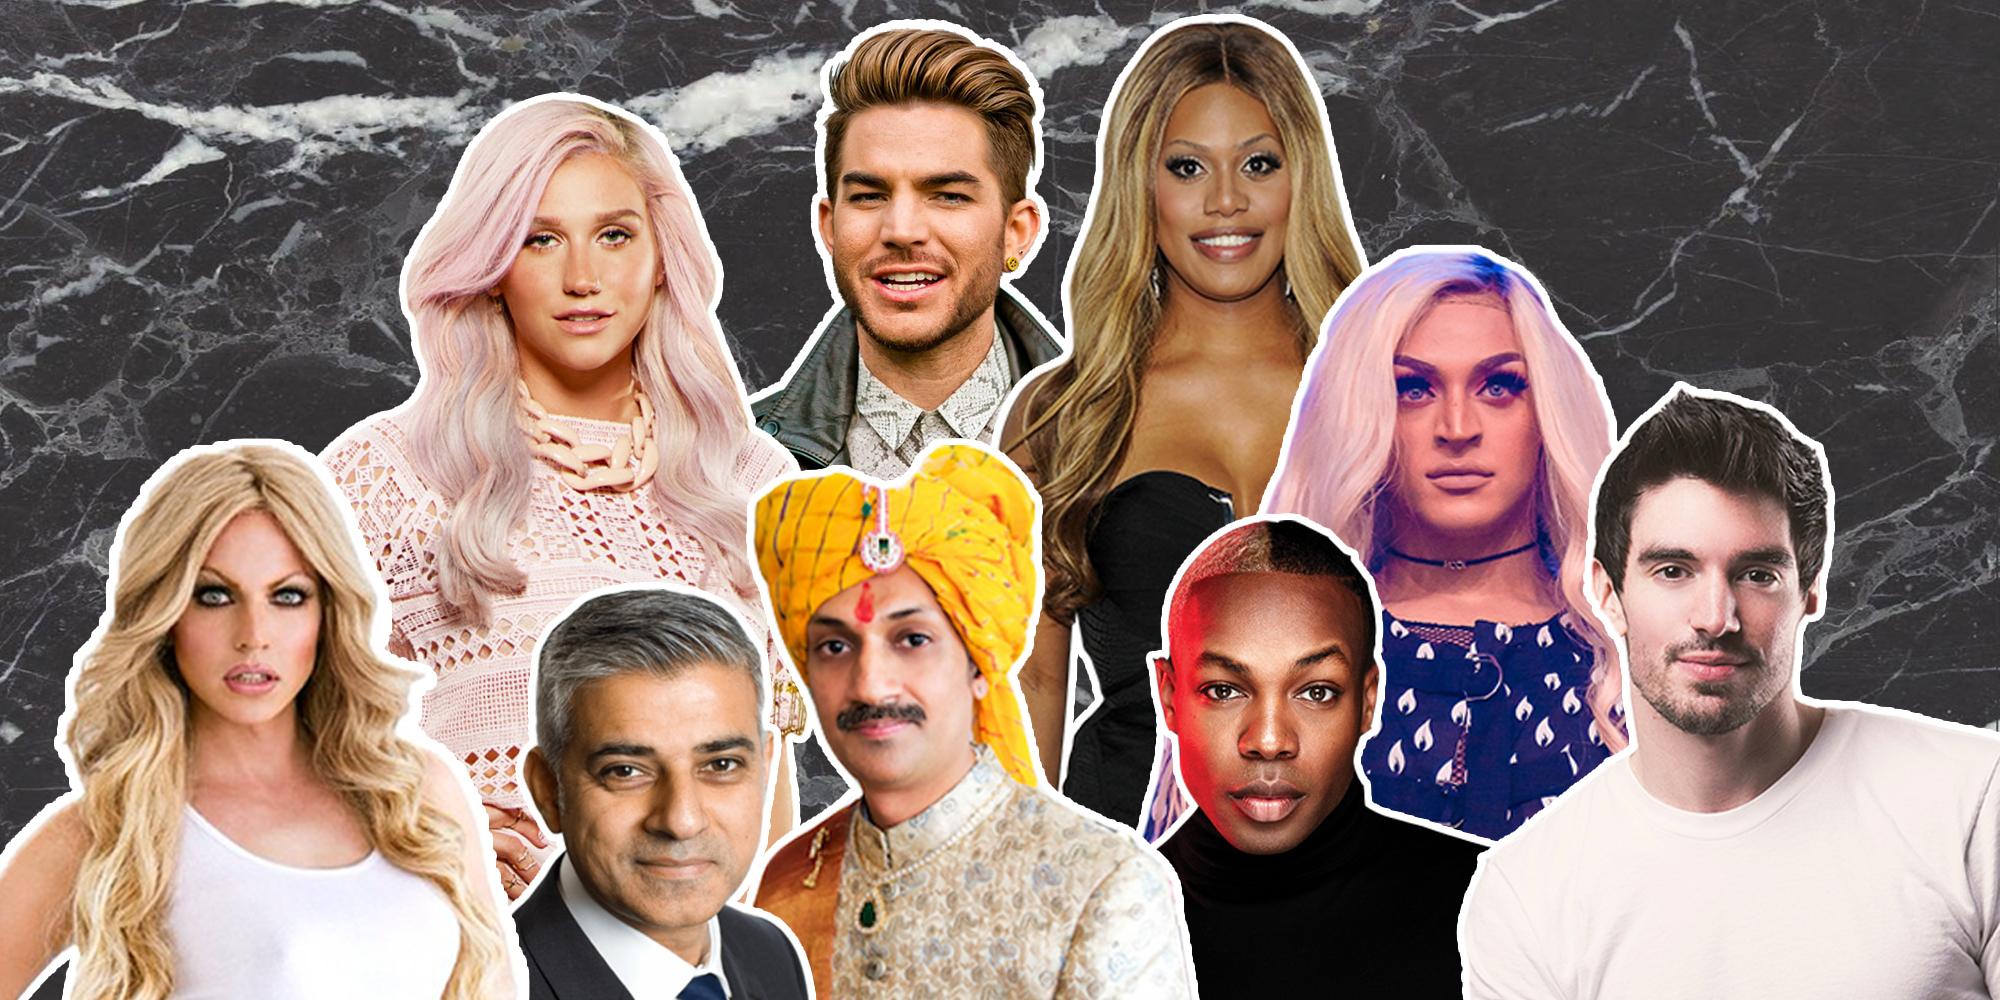 El Global Pride 2020 de este fin de semana se convertirá en el evento LGBTQ más grande del mundo